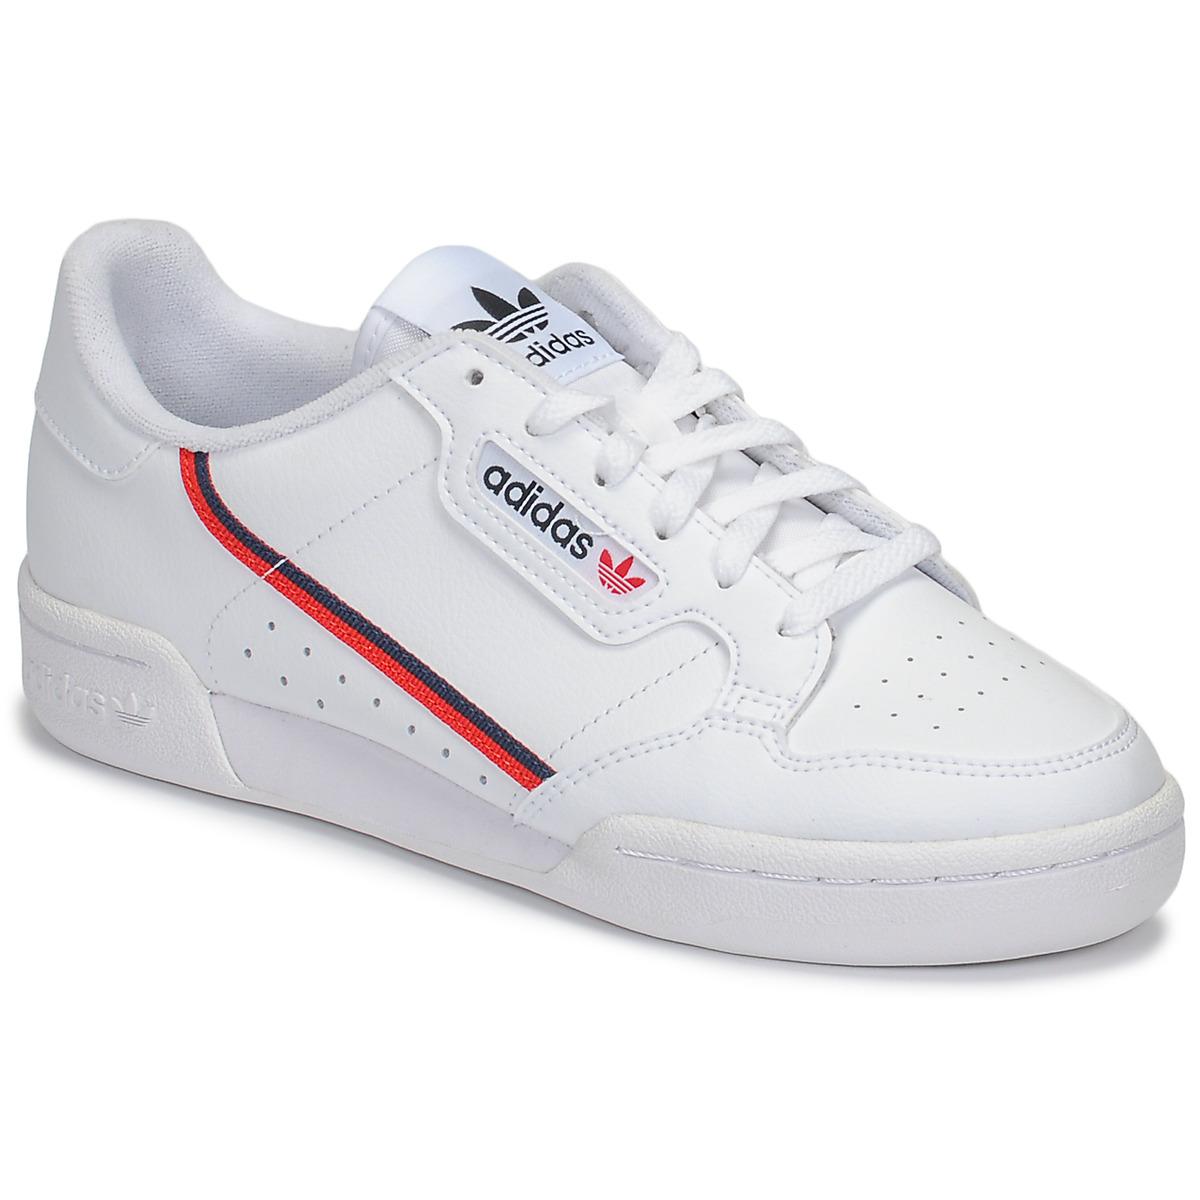 [ F99787 ] adidas Continental 80 Rascal J 'Cloud White'